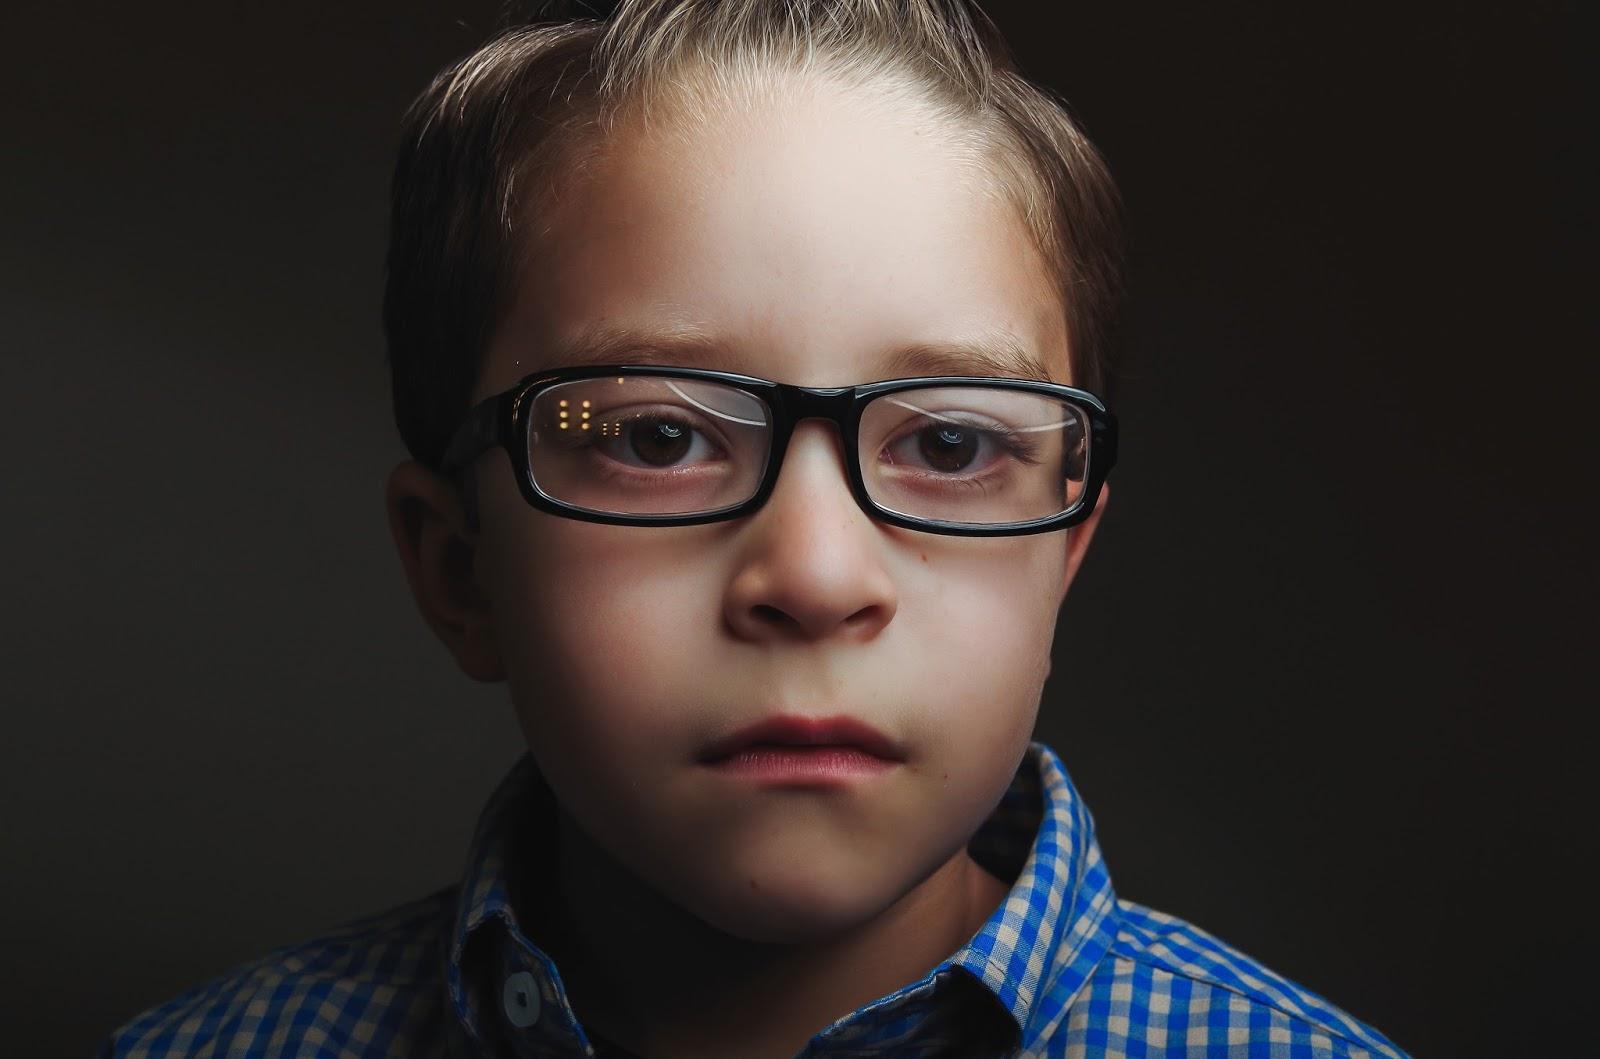 Gözlüklü Bayanlara Makyaj Önerileri